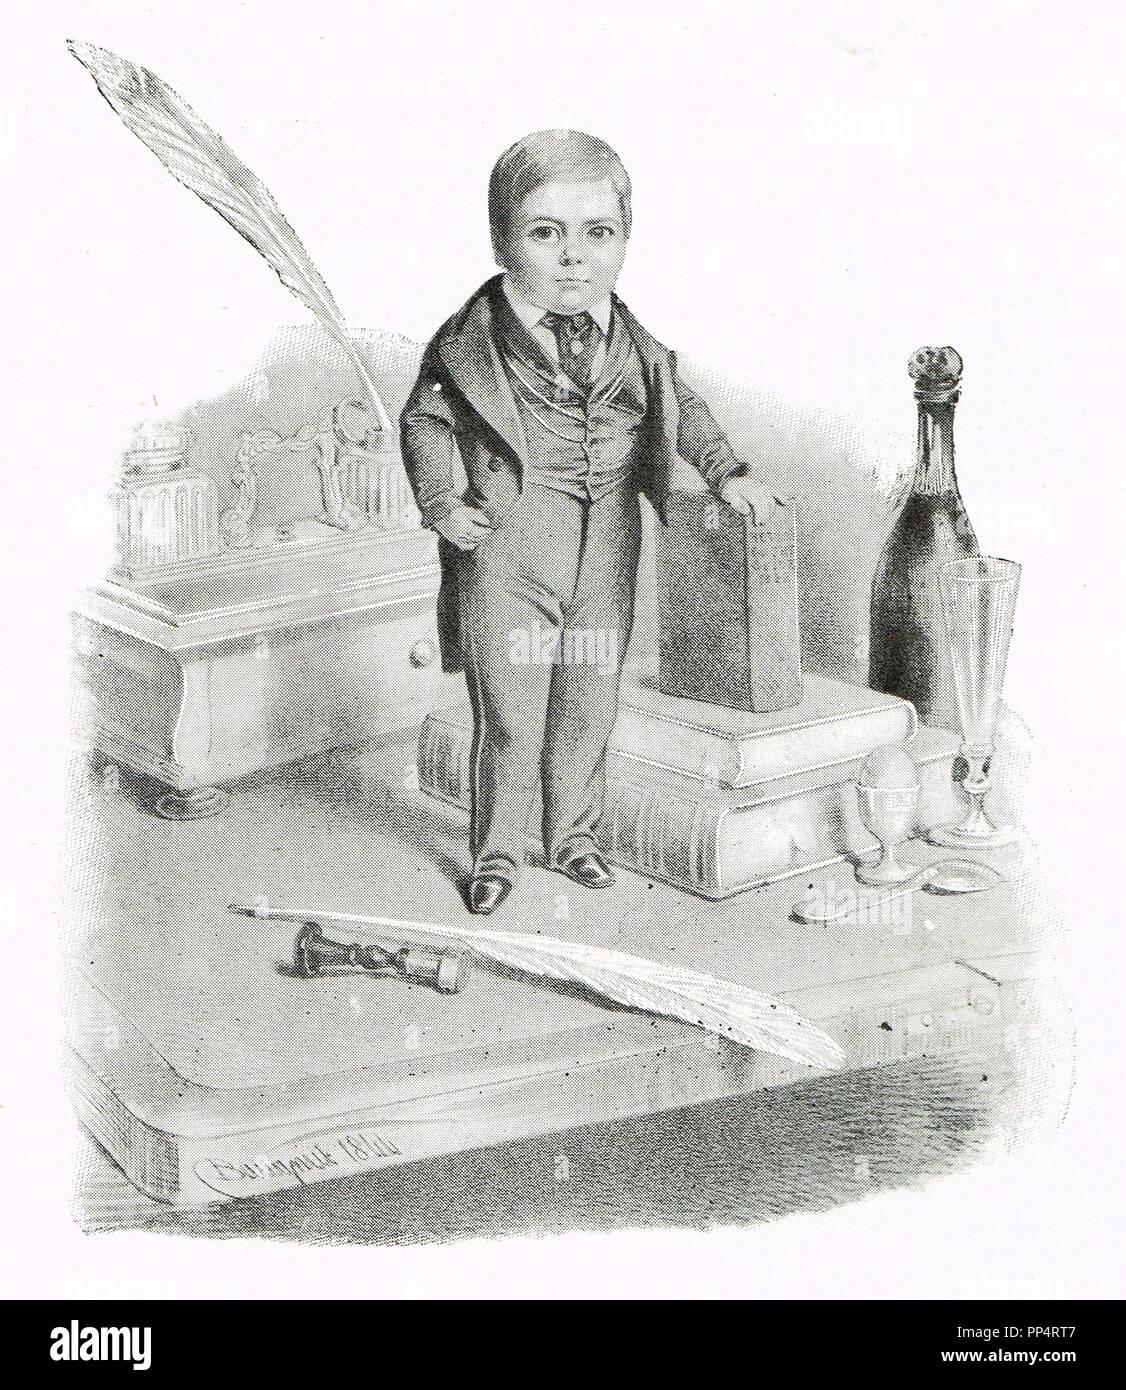 Charles Sherwood Stratton, mejor conocida por su nombre artístico General Tom Thumb, en 1844, en una visita a la Reina Victoria Foto de stock